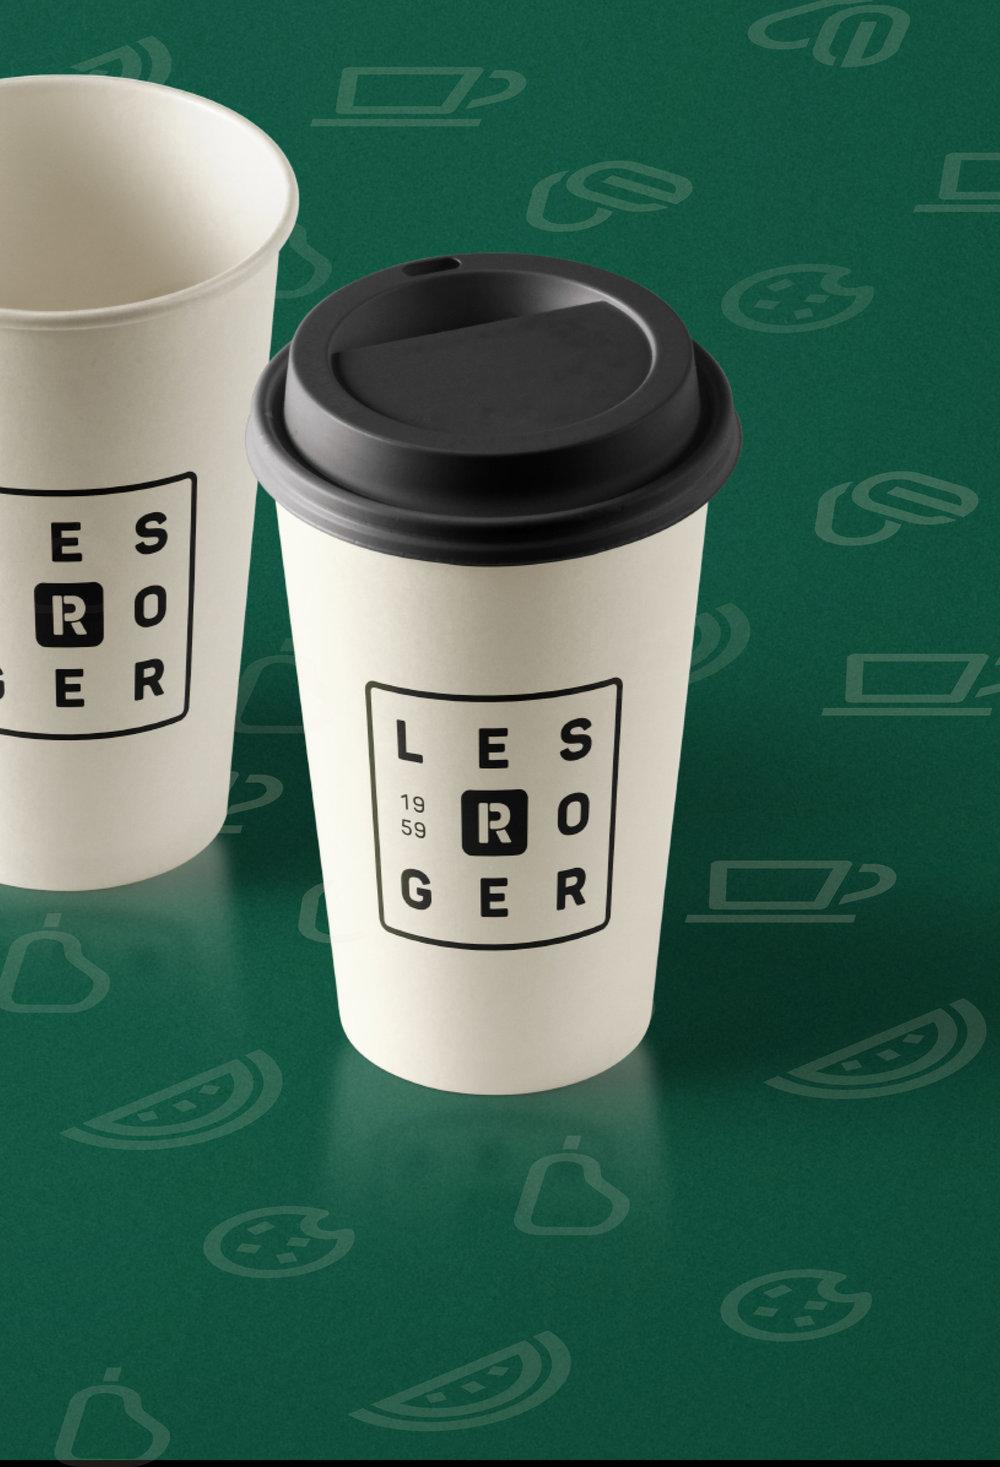 LES ROGER / Identité visuelle Logos, identité visuelle